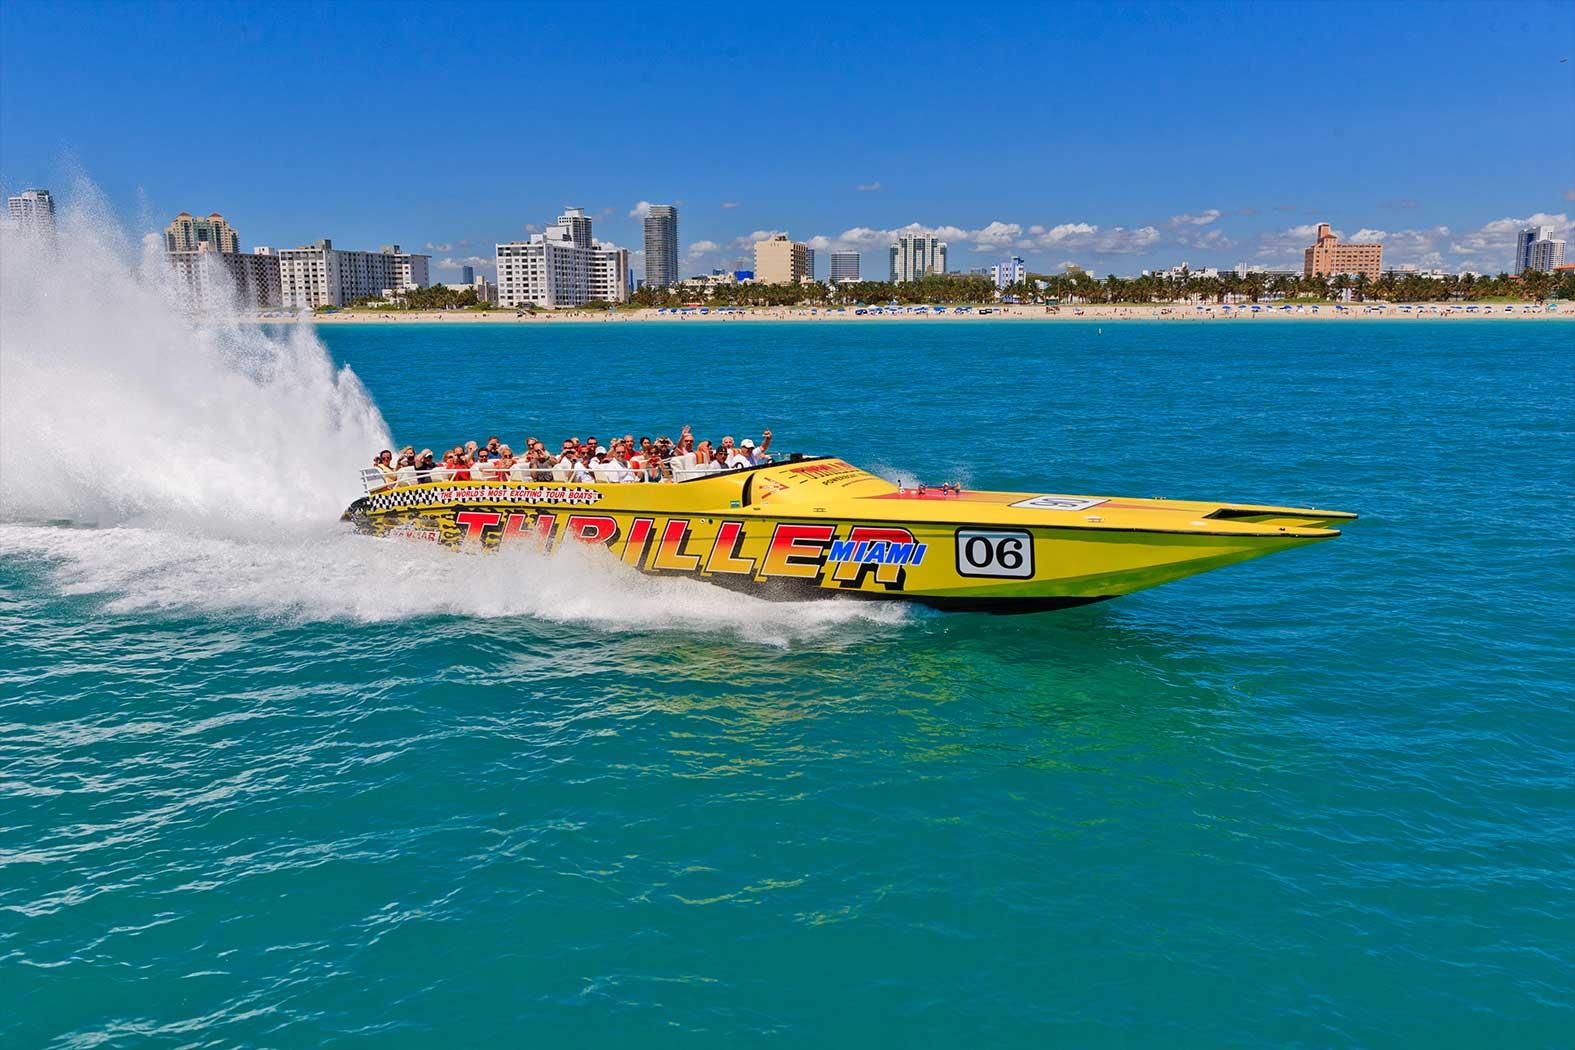 Experience Activities in Miami Speedboat Adventures